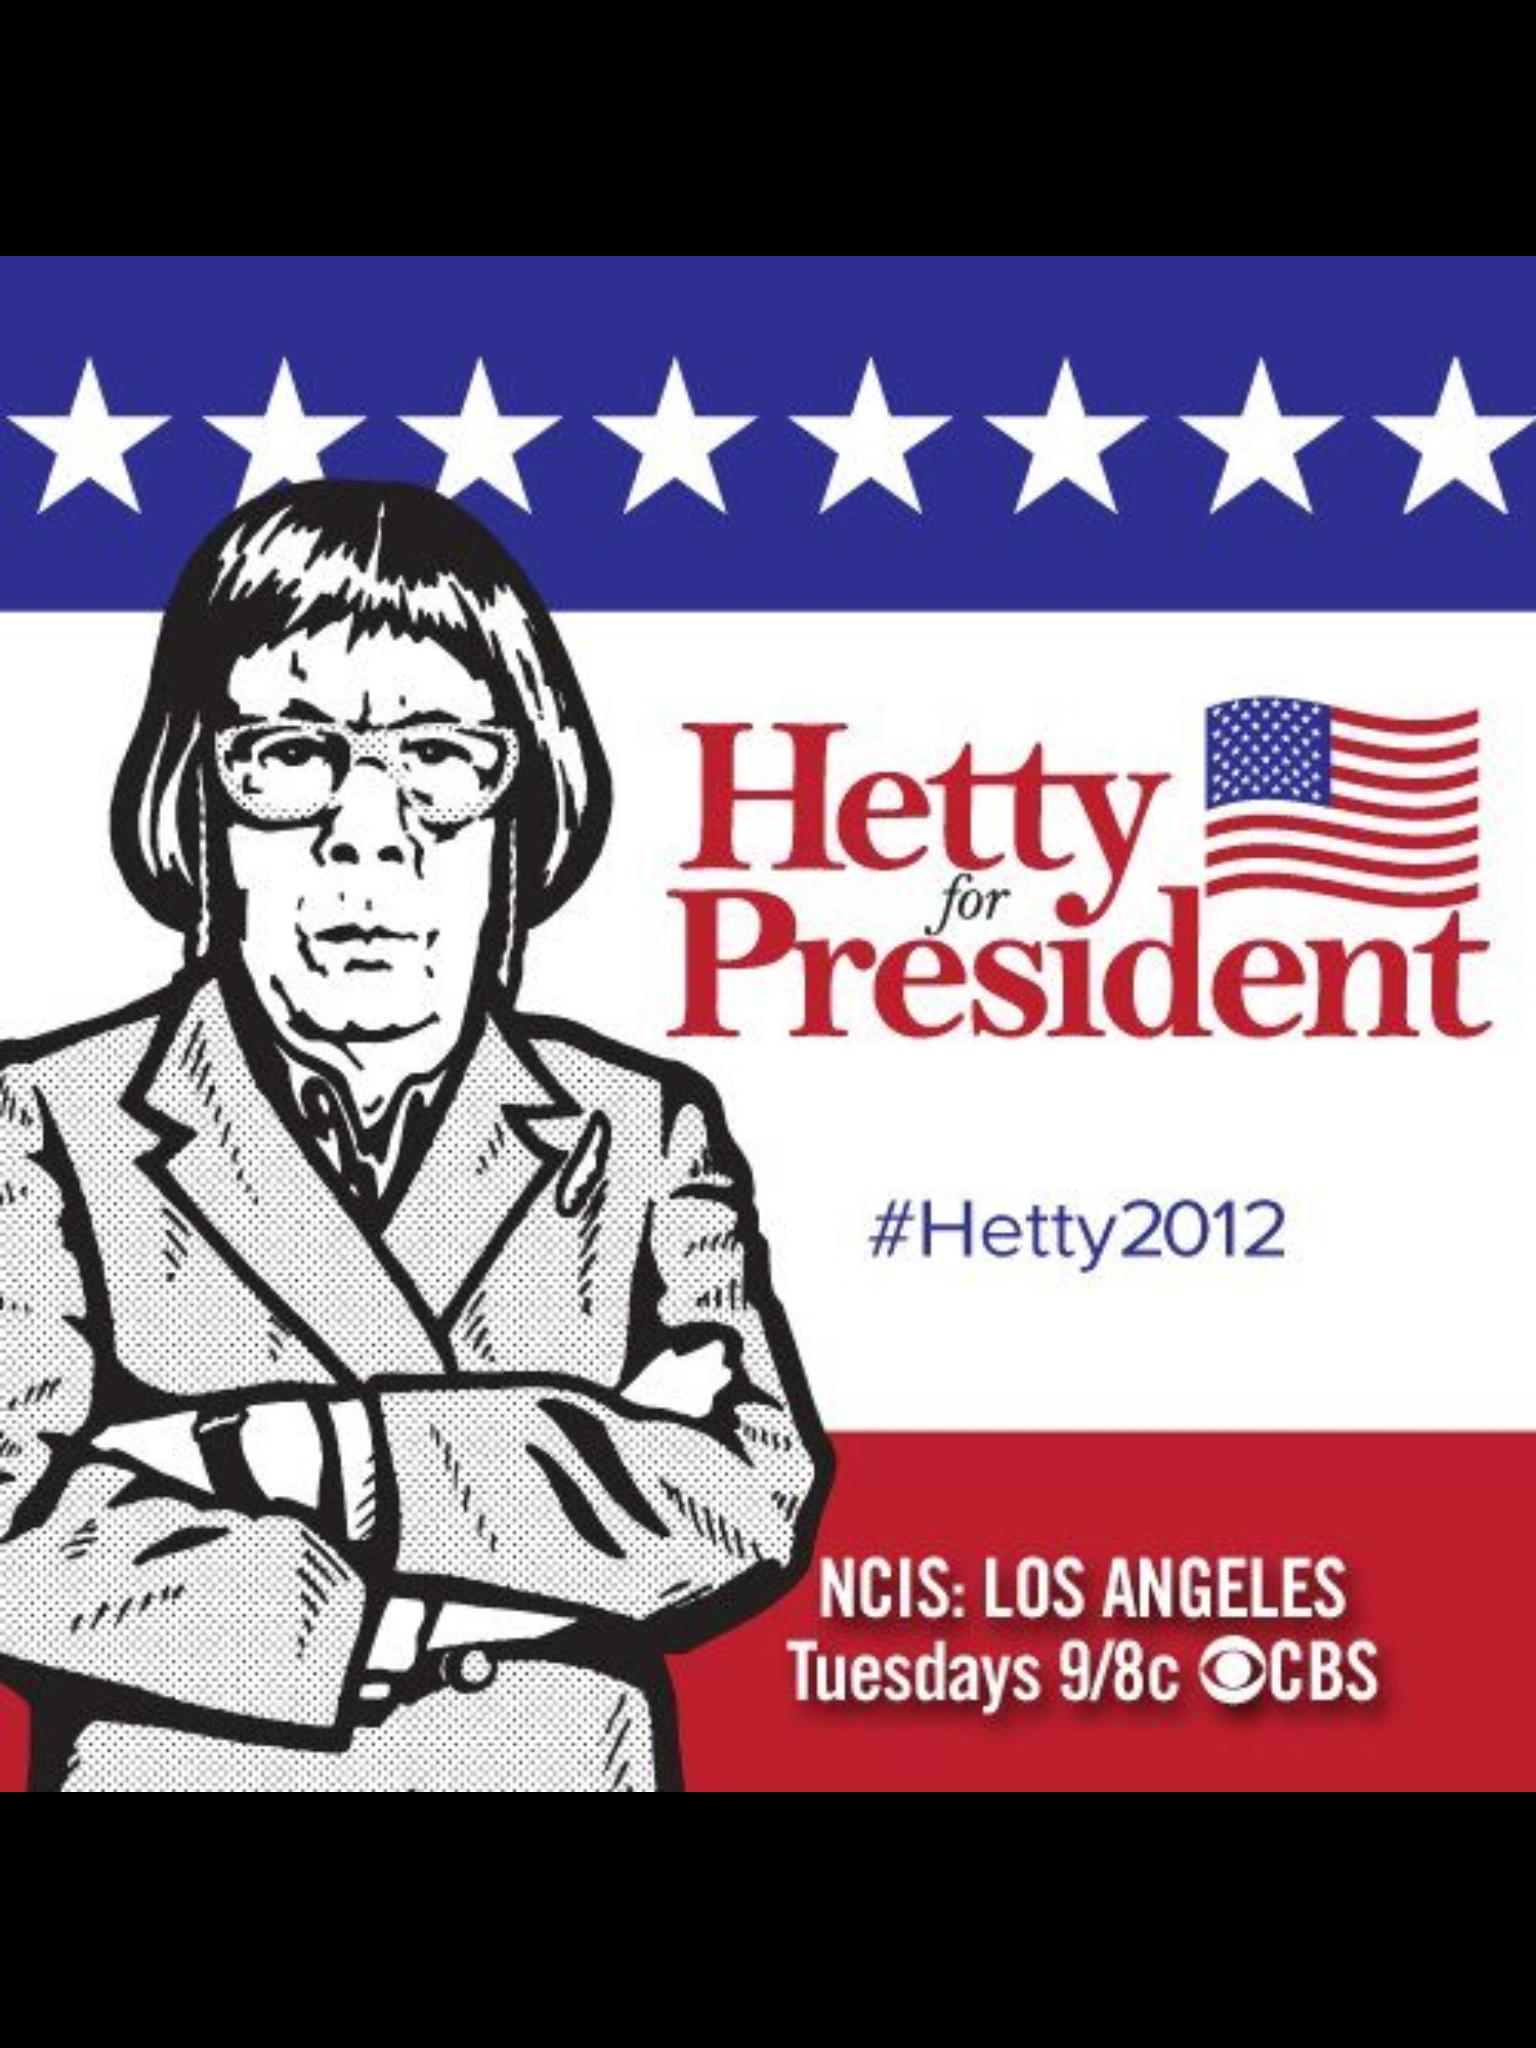 #HettyforPresident